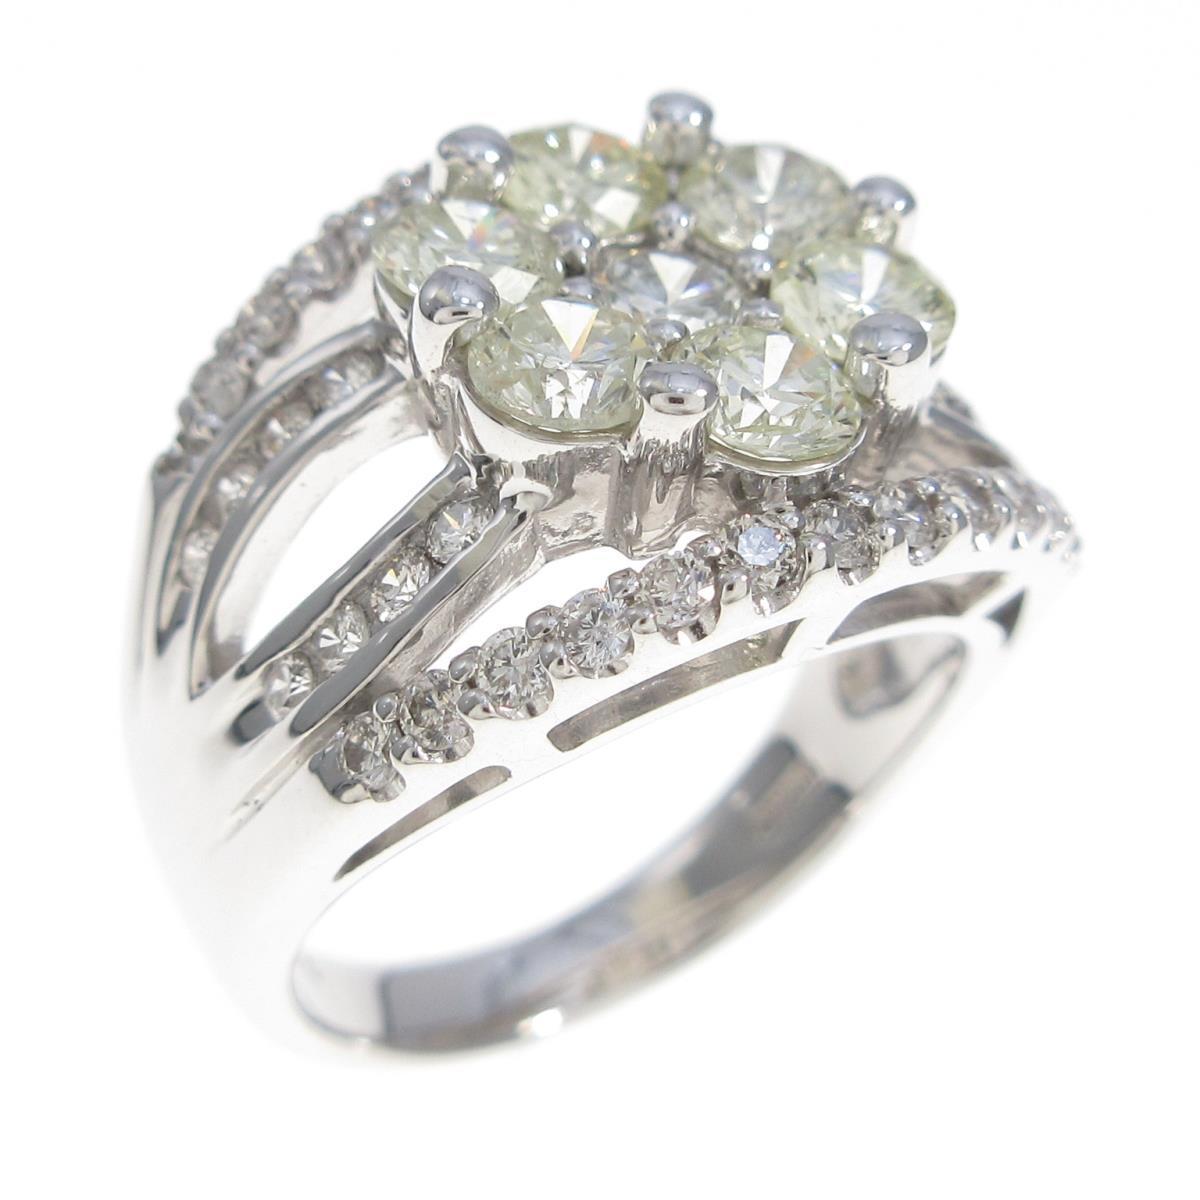 【あす楽対応】 K18WG フラワー ダイヤモンドリング【】, ウエキマチ 26f4fed0